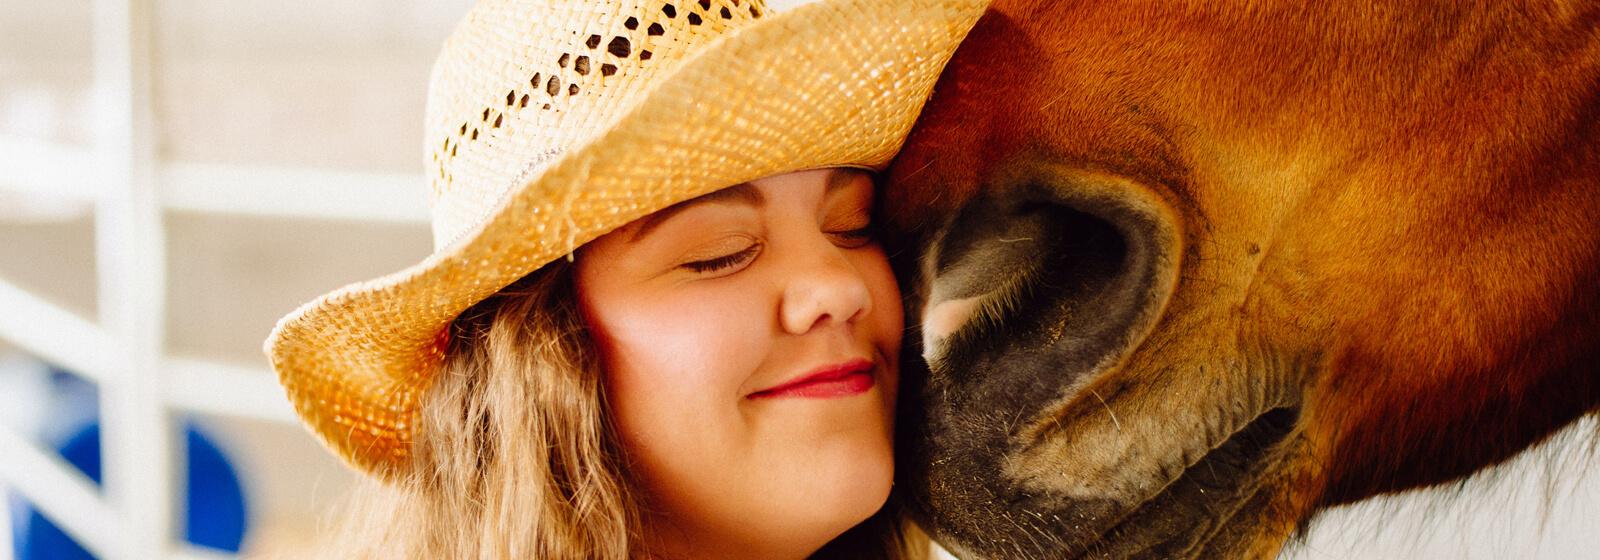 Cowboy2 image slide